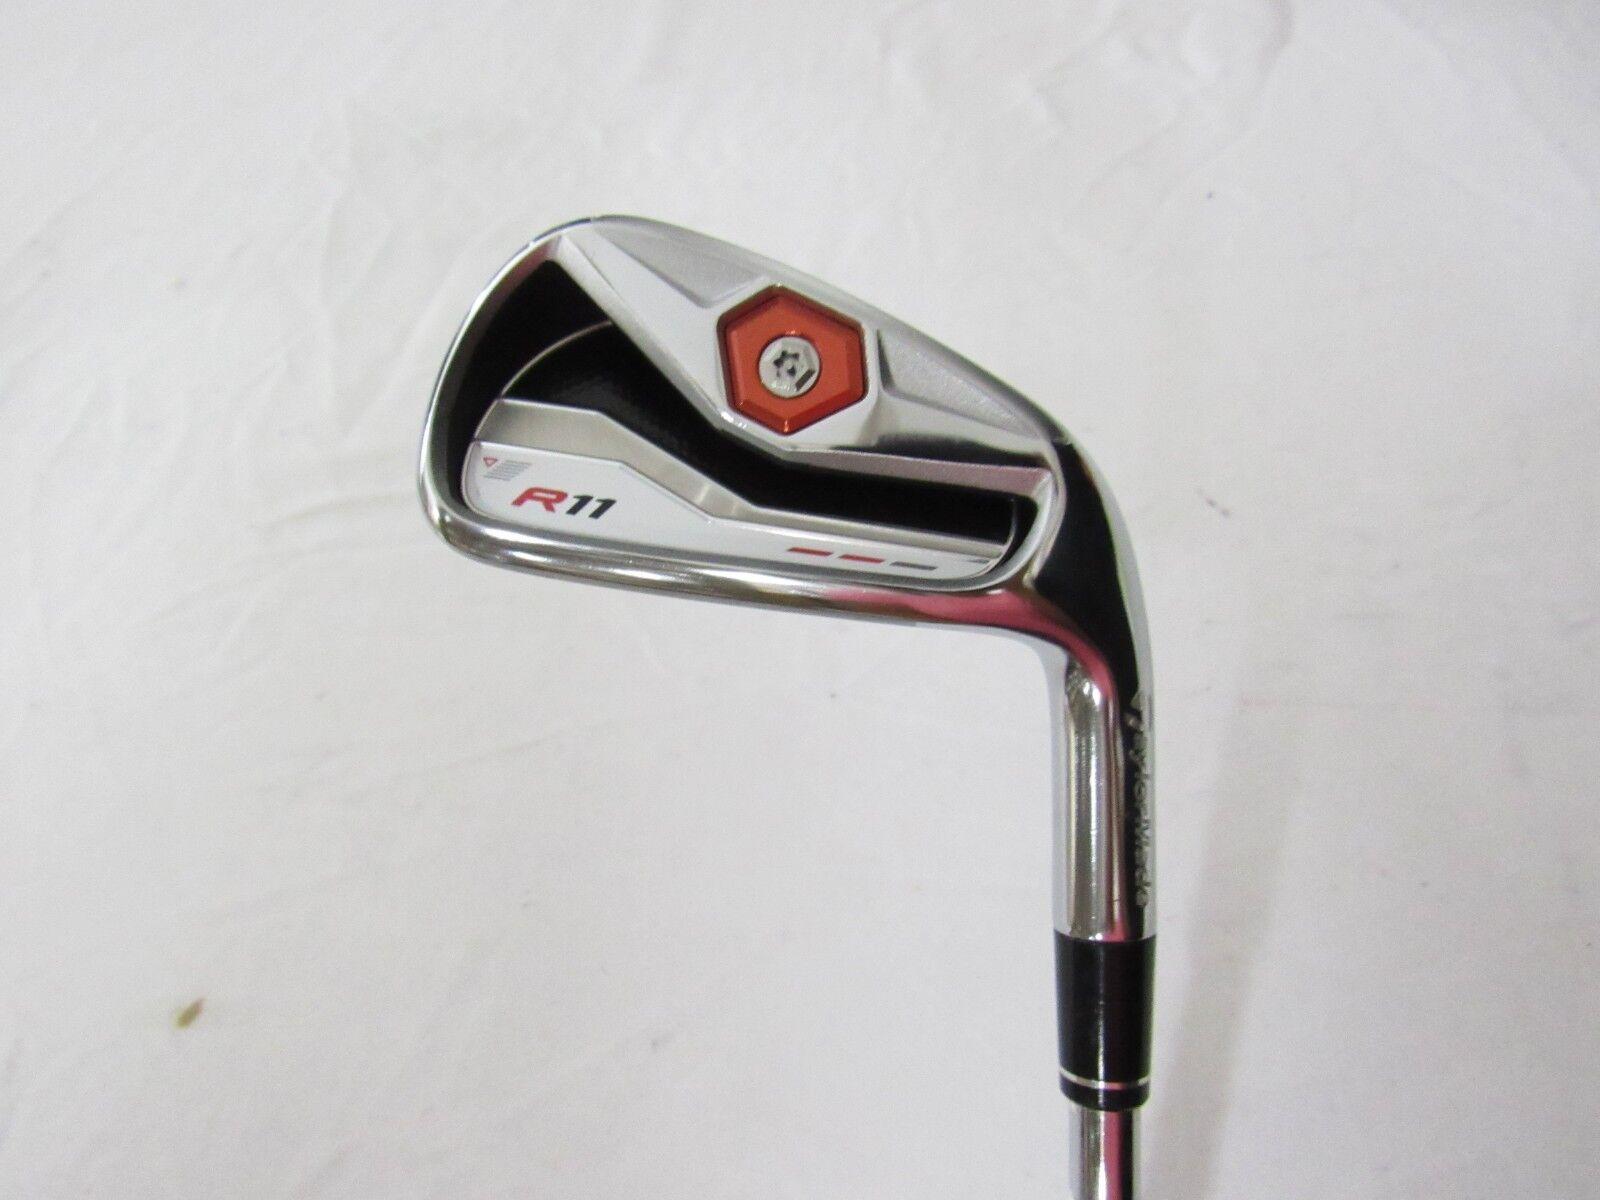 Utiliza la mano derecha Taylormade R11 solo 6 hierro KBS 90 Acero Regular Flex R-flex